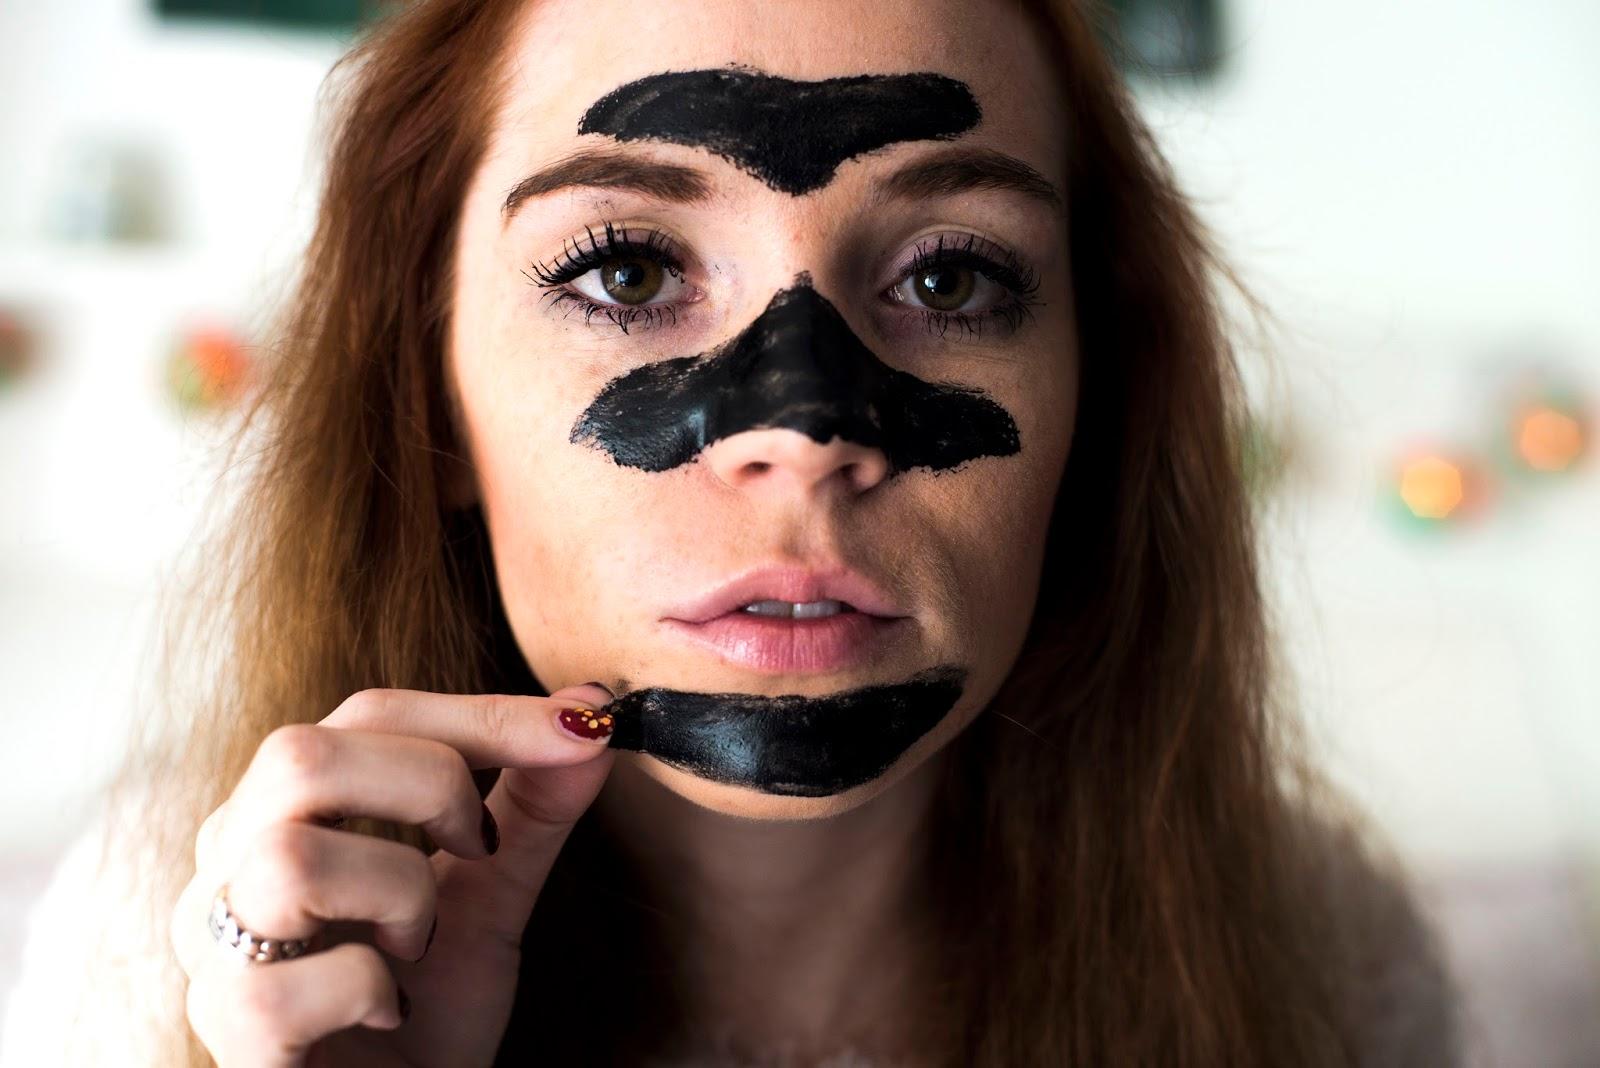 jorgobé the original black peel off mask